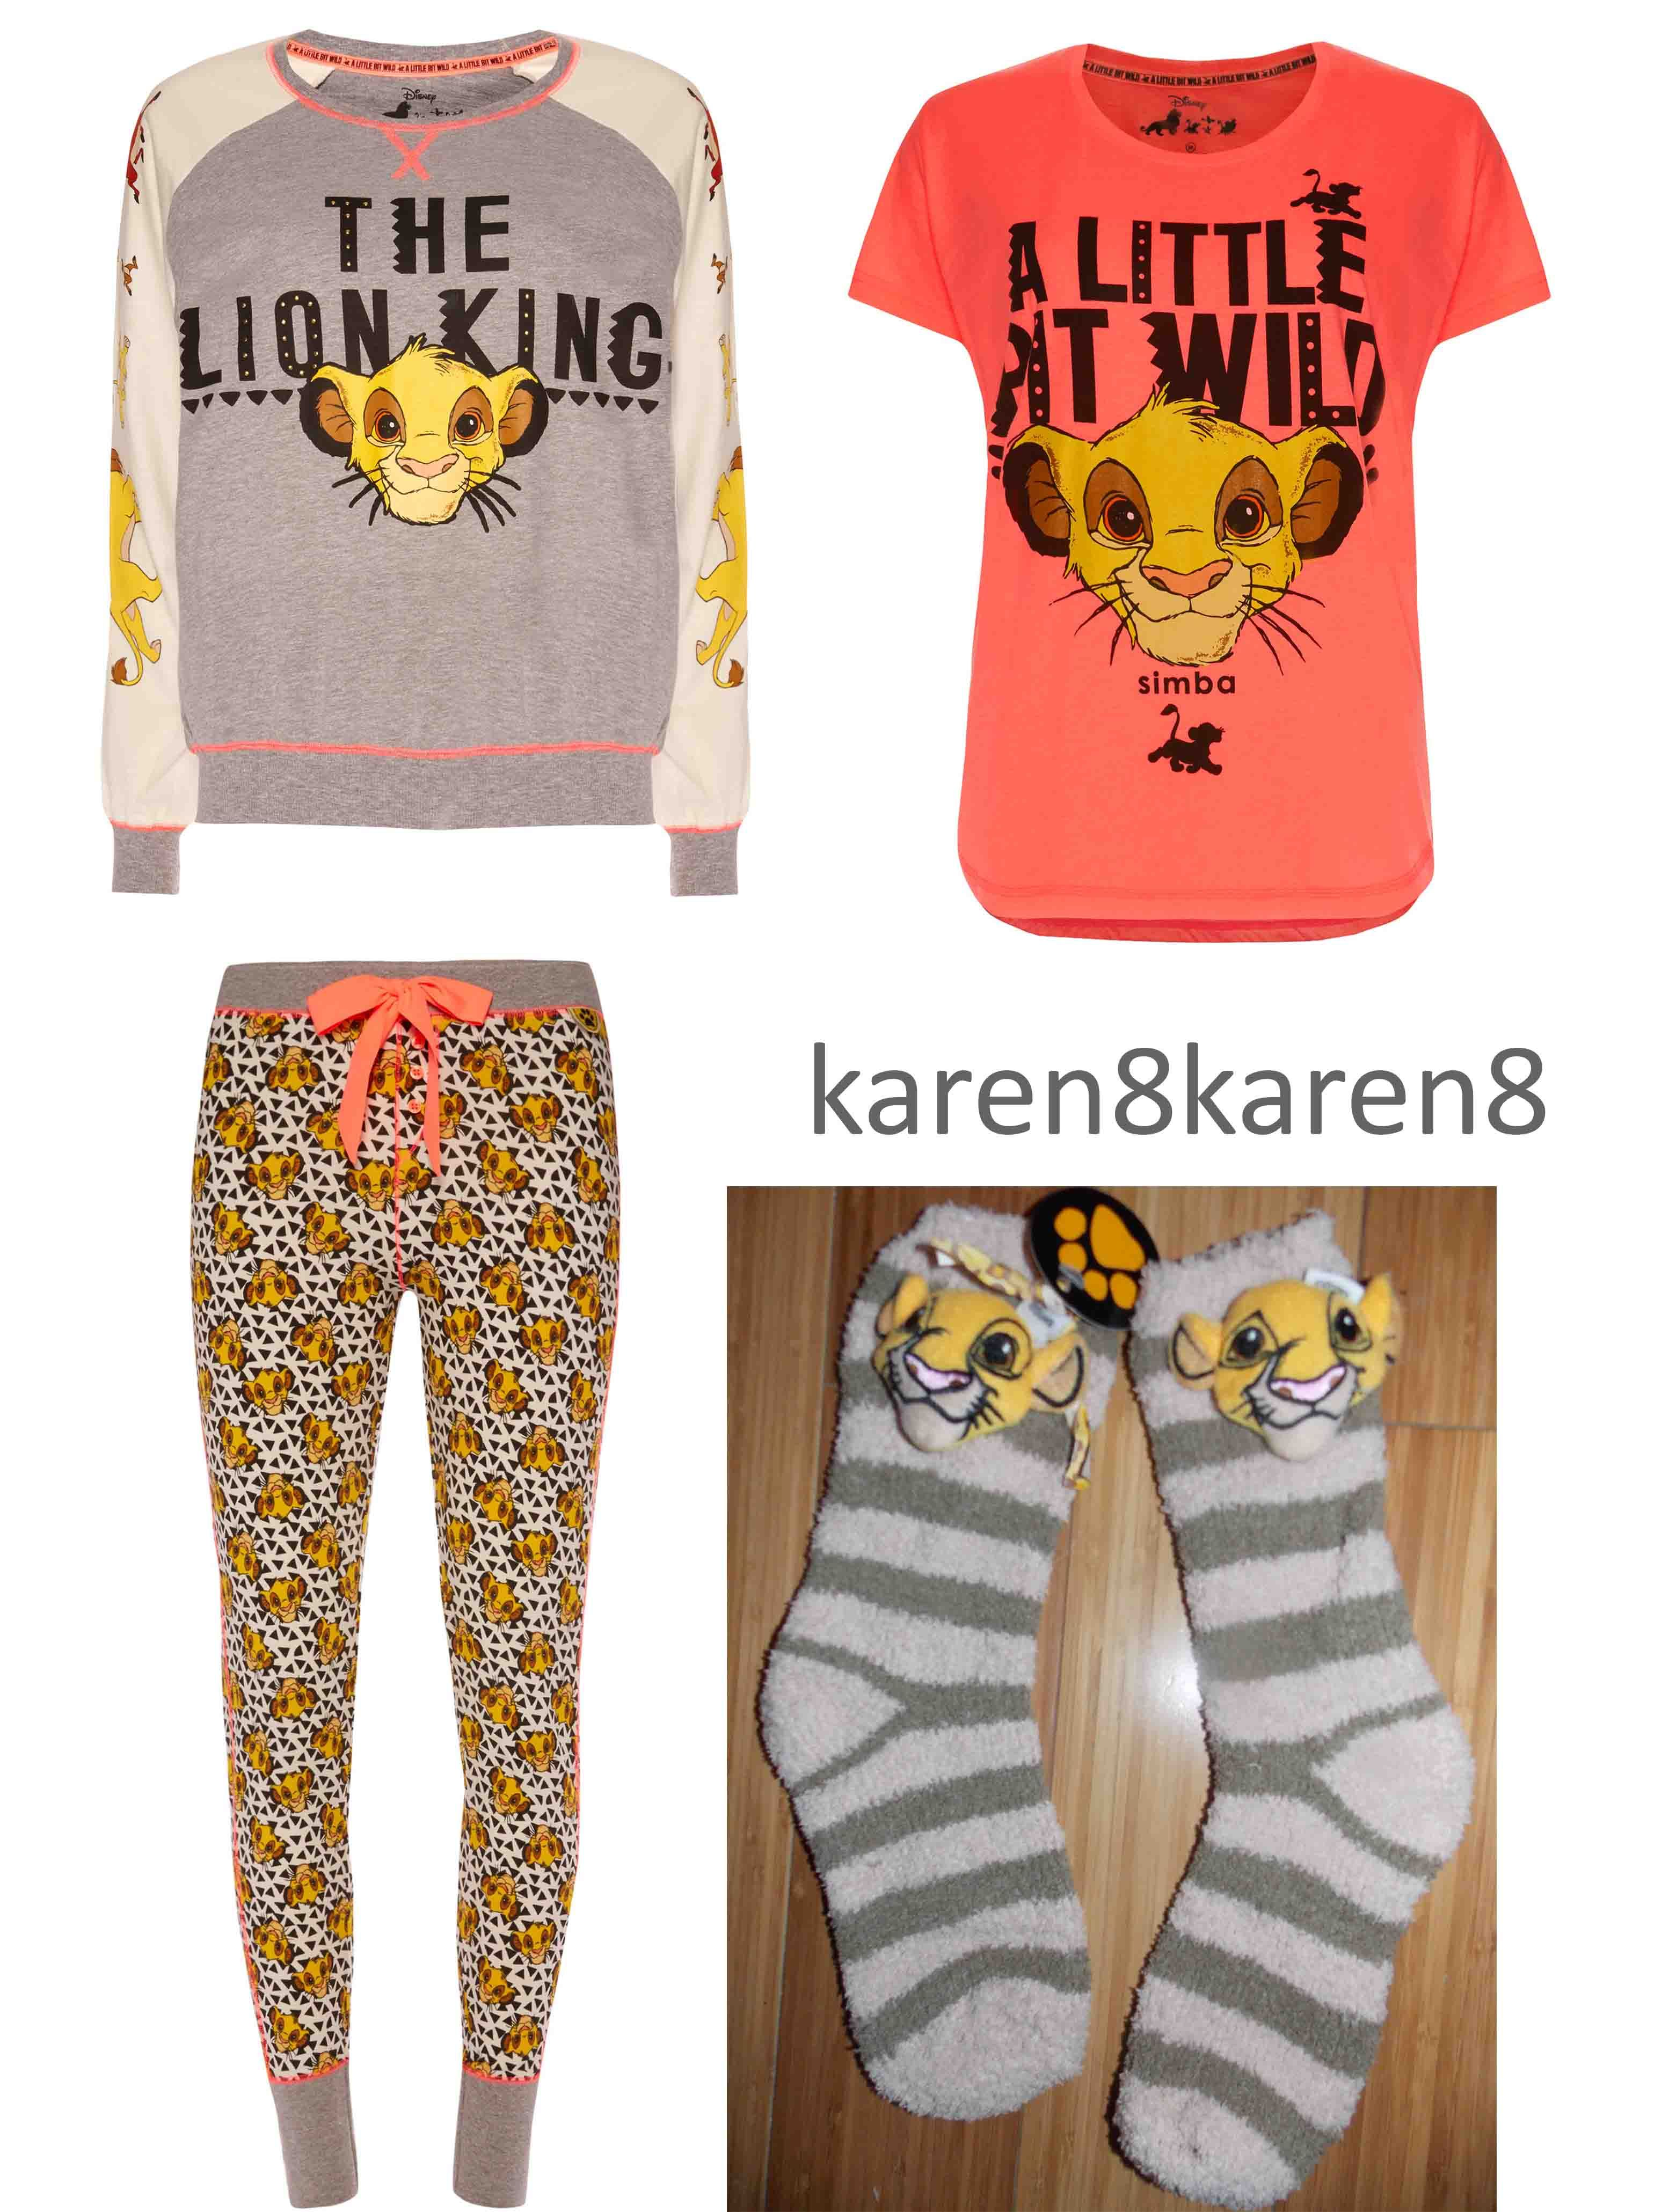 1cc495602 Lion King Simba Nala Pj s Pajamas on sale now at ebay account karen8karen8  Disney Clothes